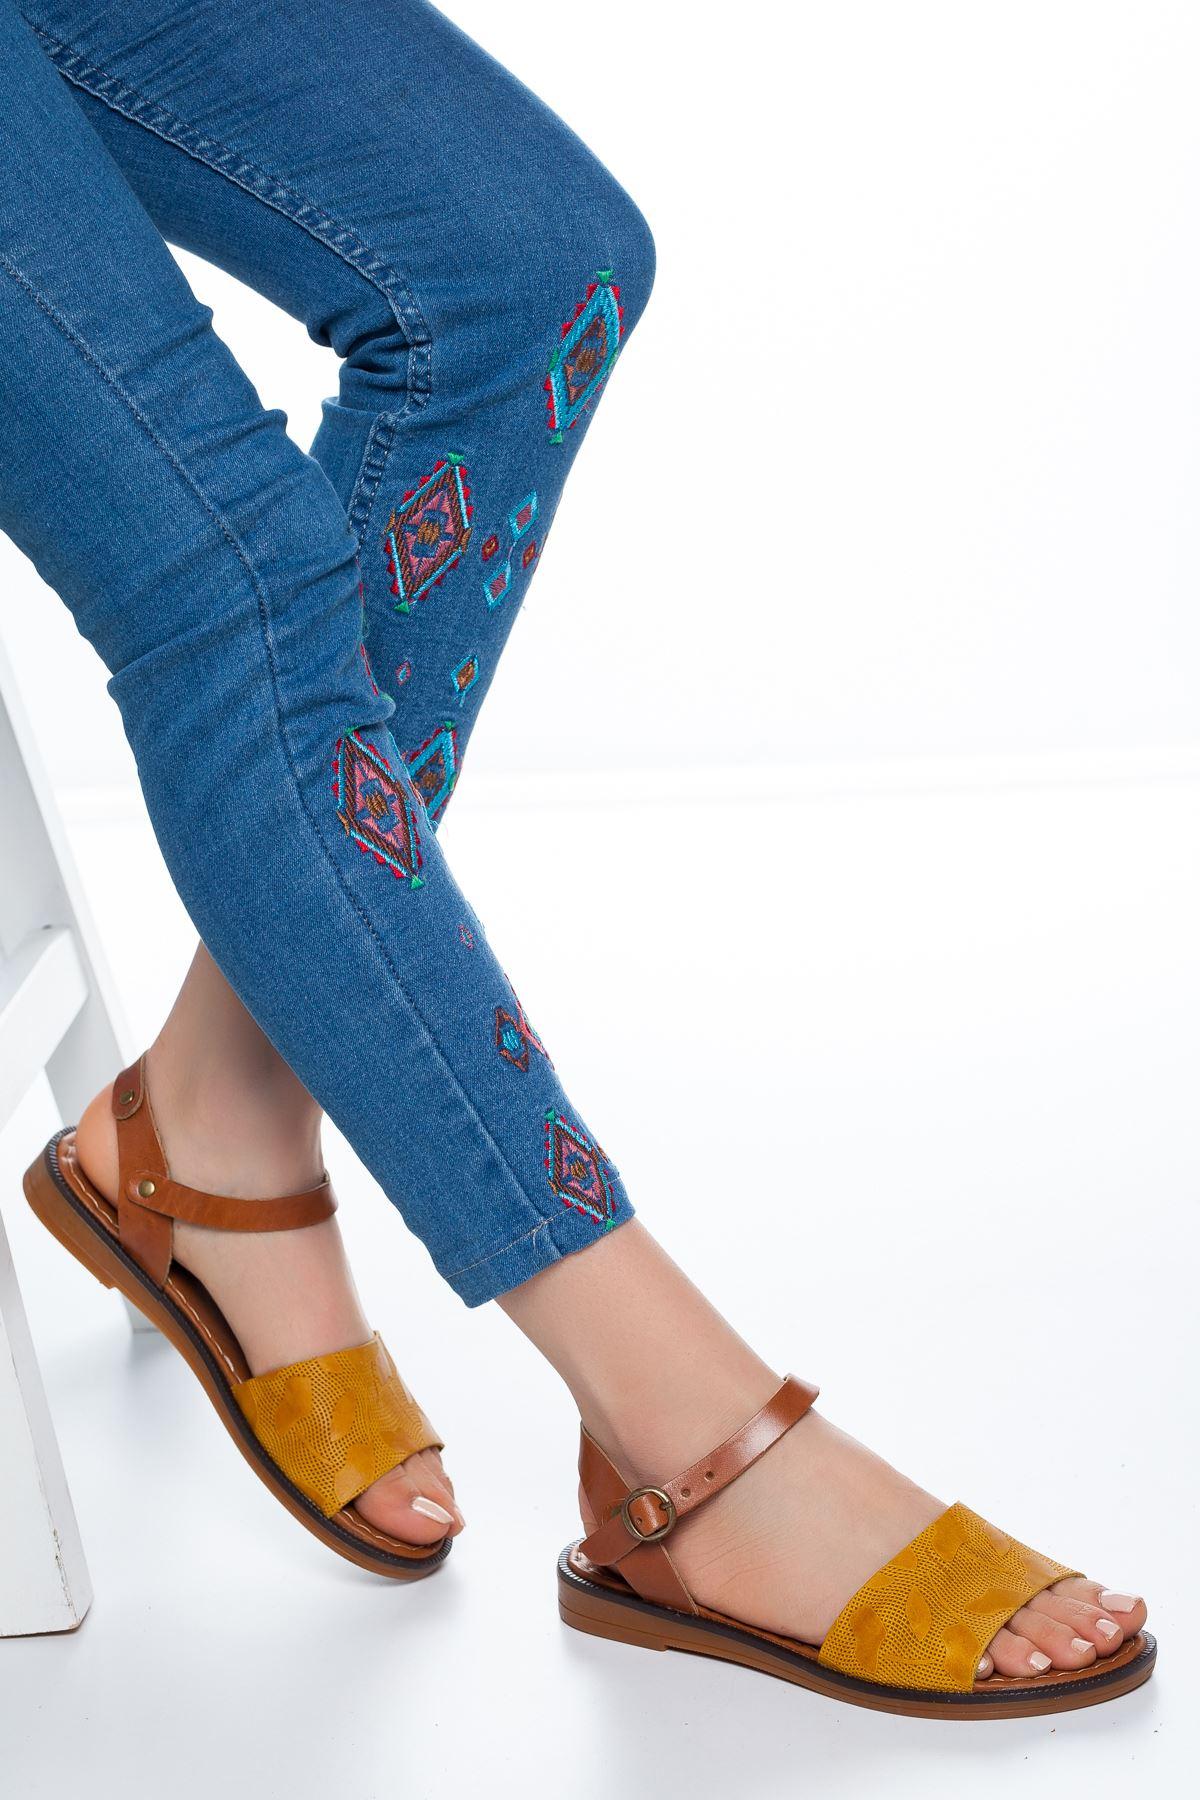 Enya Deri Sandalet Hardal